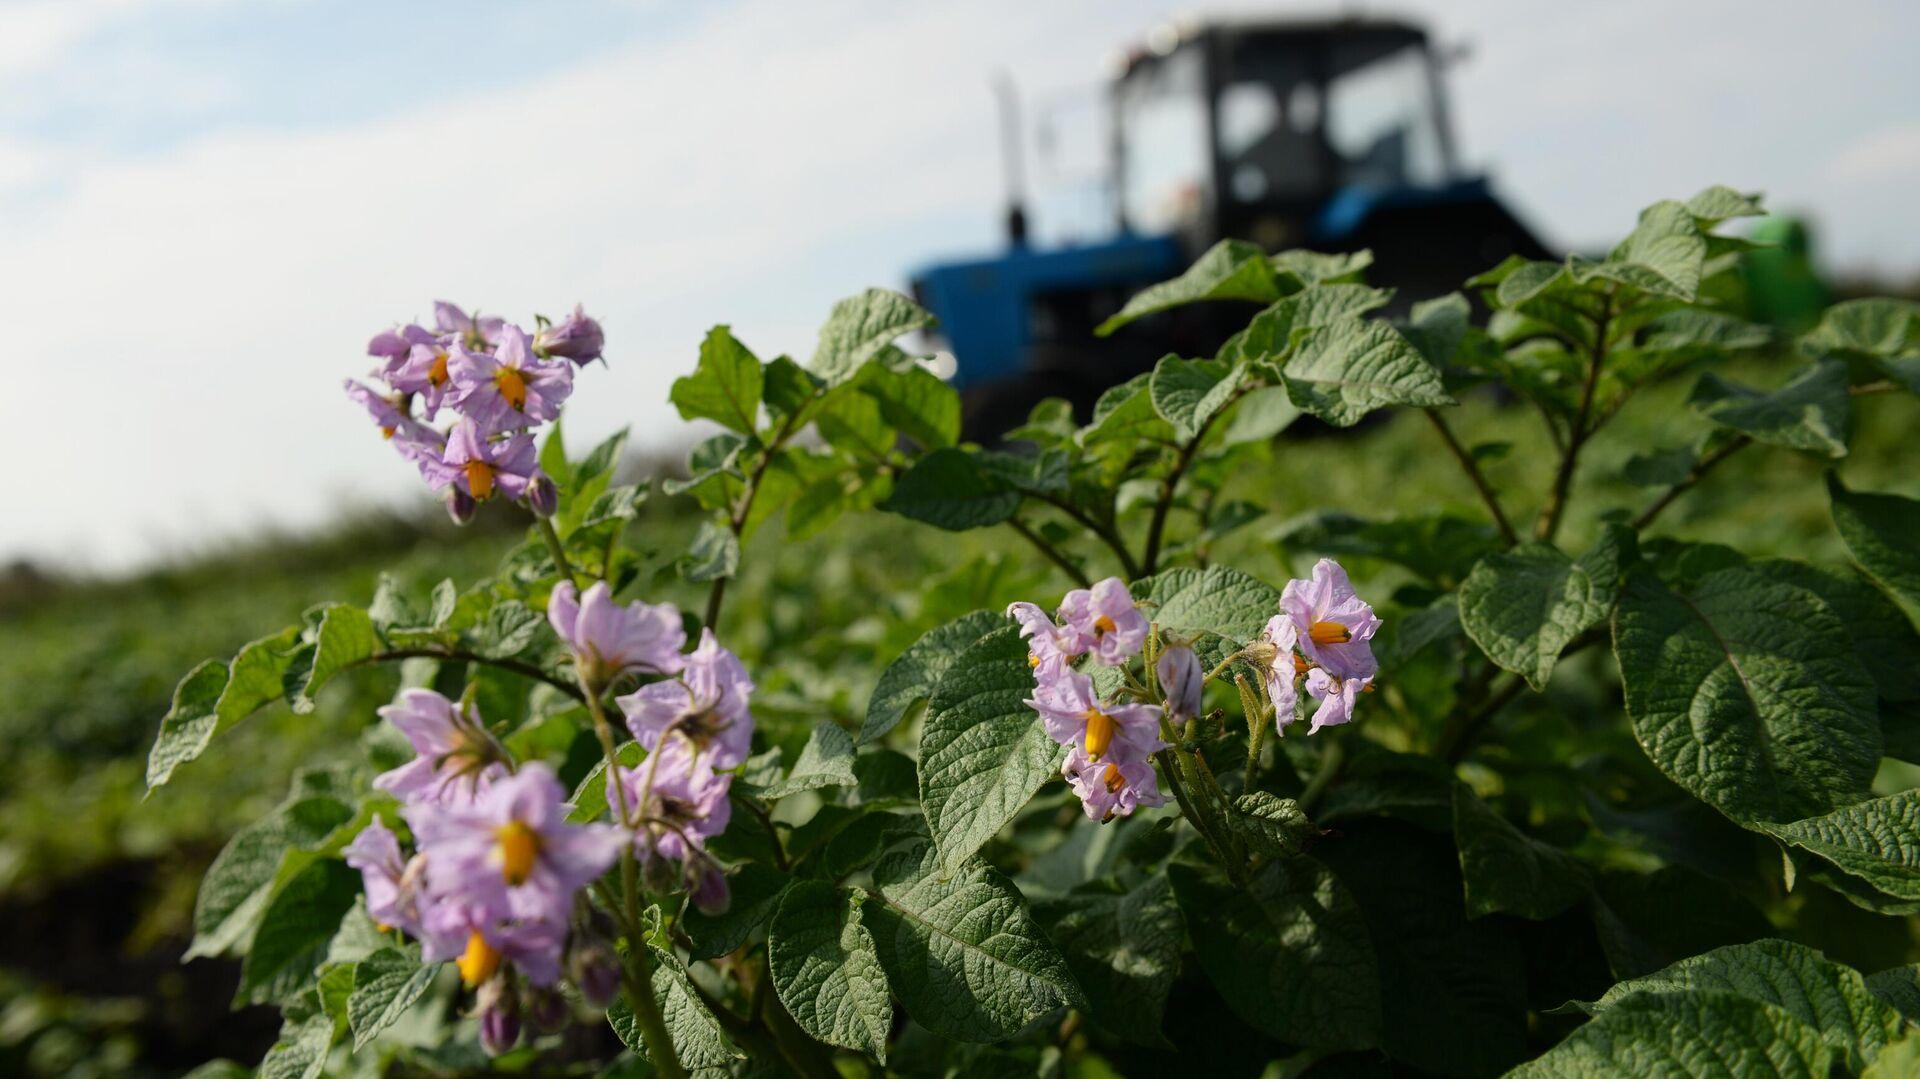 Около 300 га виноградников планируется заложить на Ставрополье в 2021 году